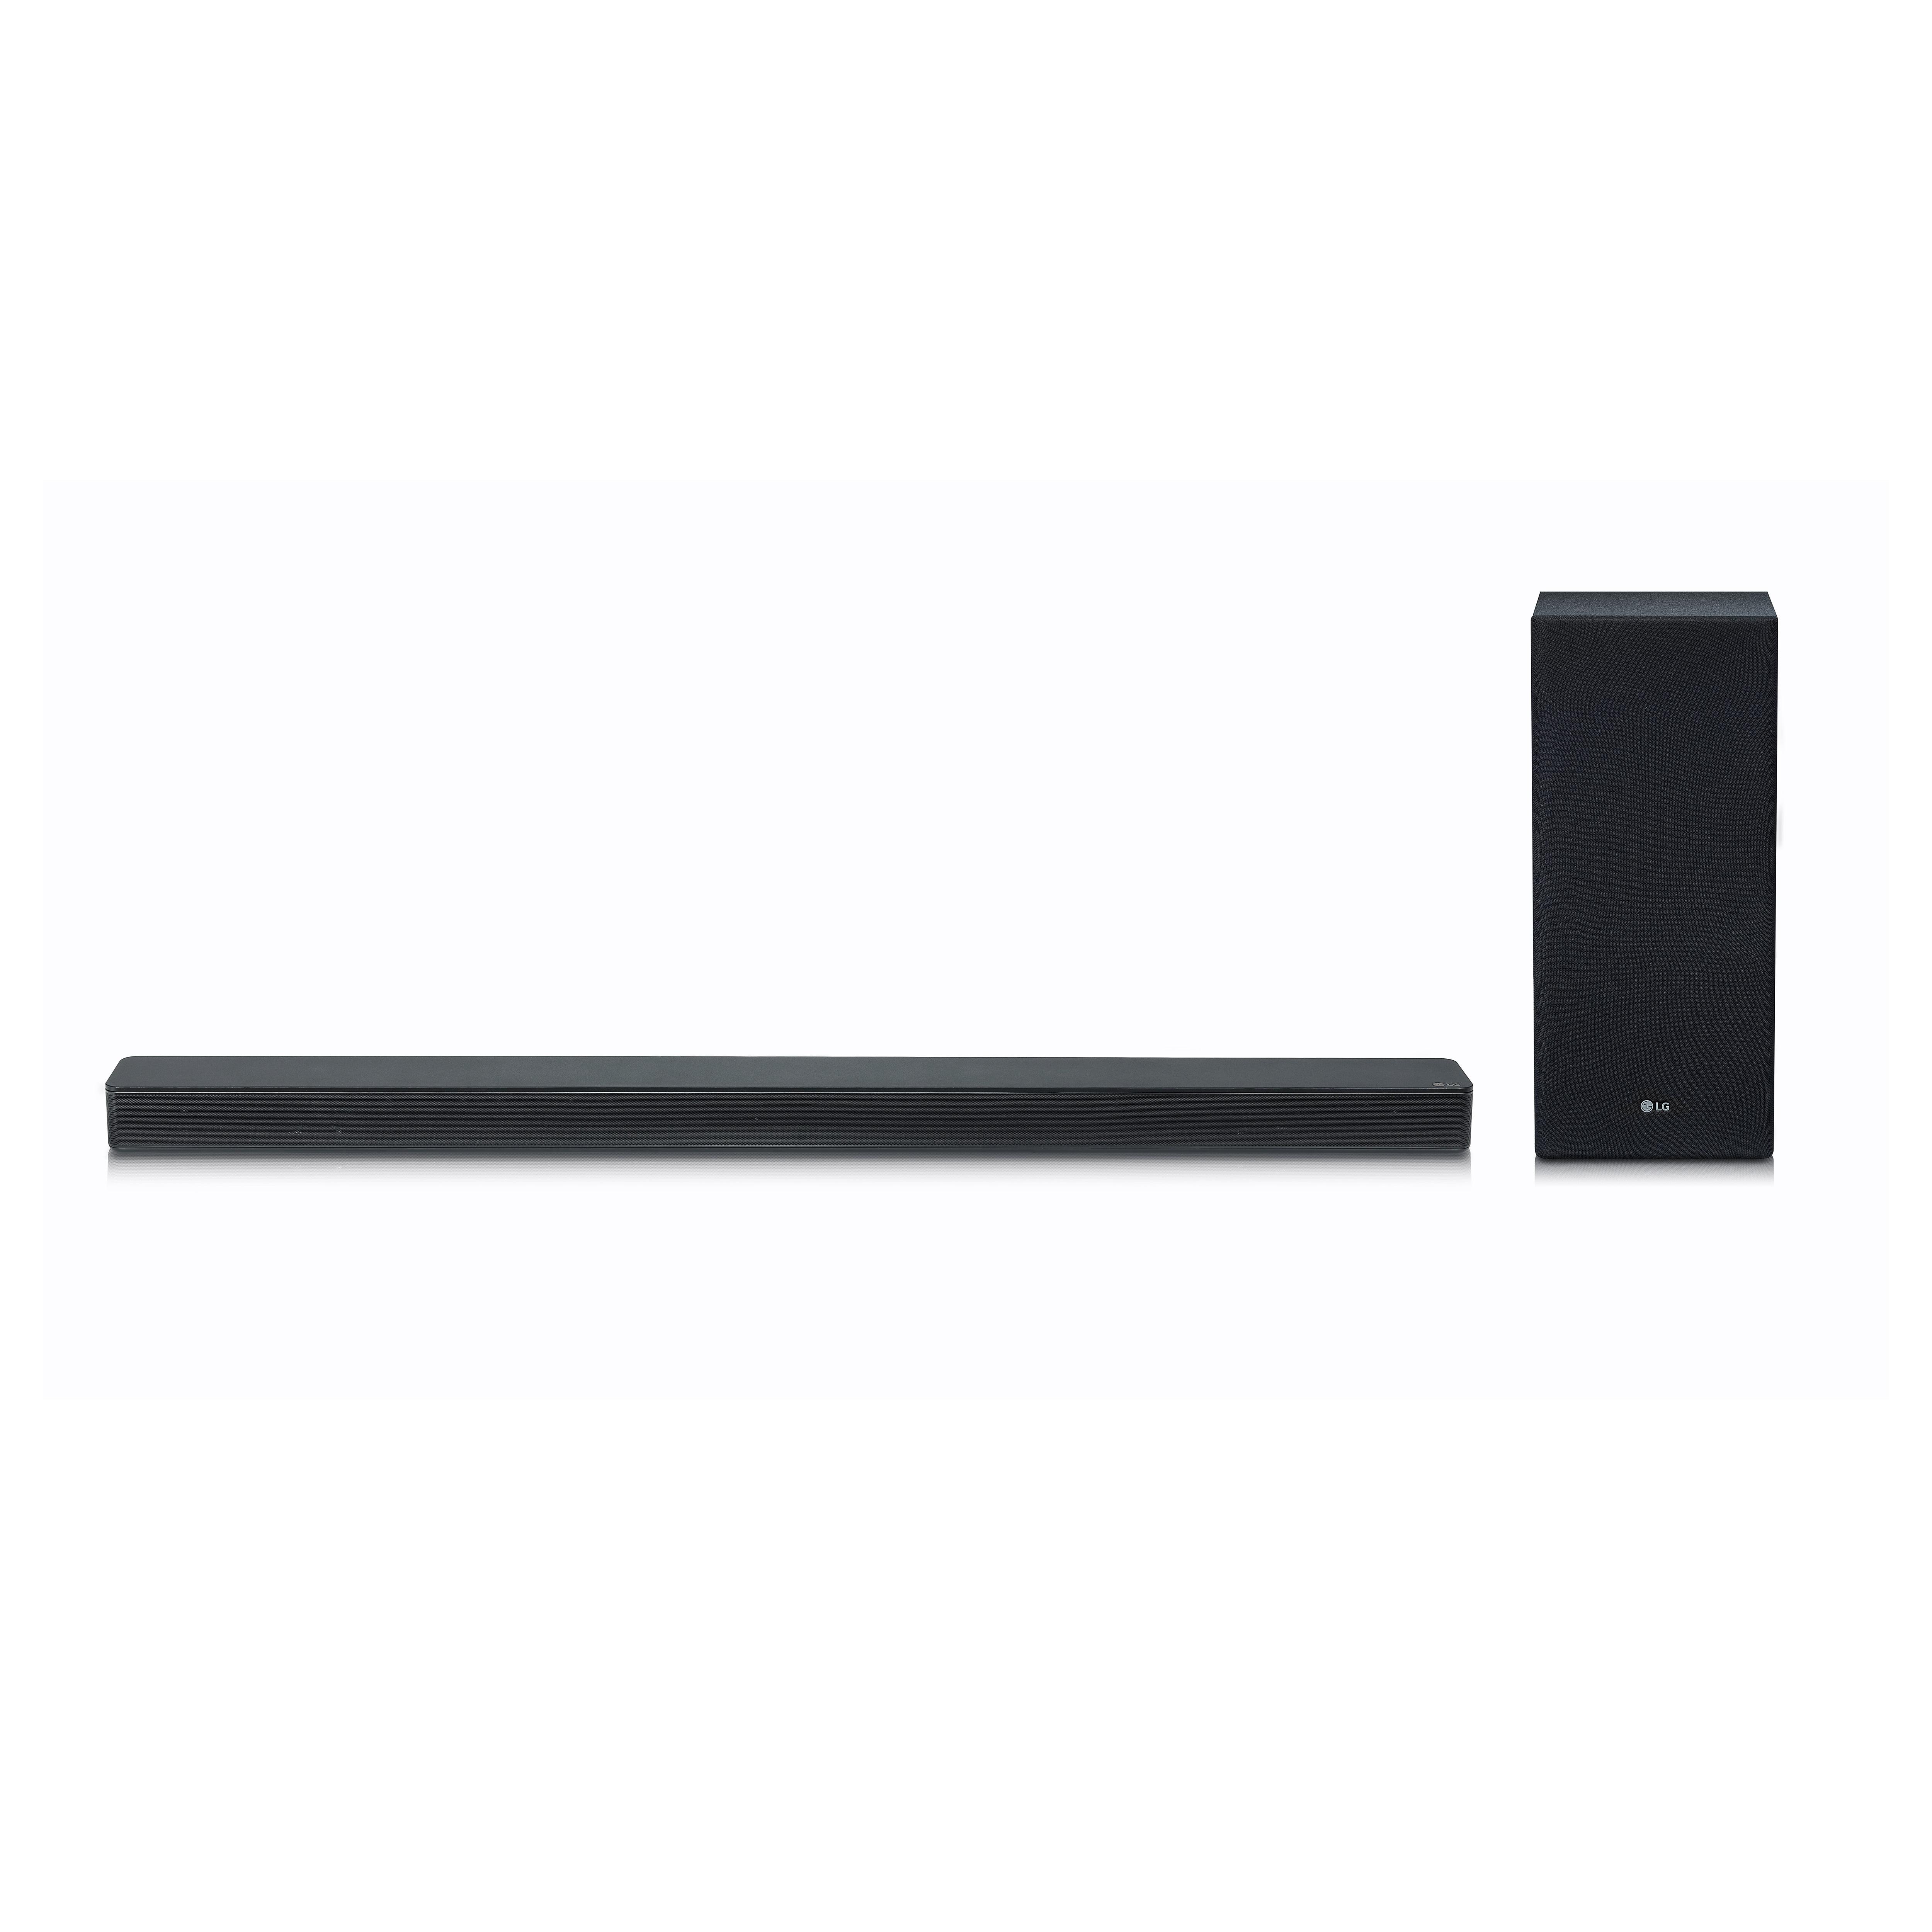 LG 2.1 Channel 360W Hi-Res Audio Soundbar with DTS Virtual:X Sound - SKM6Y